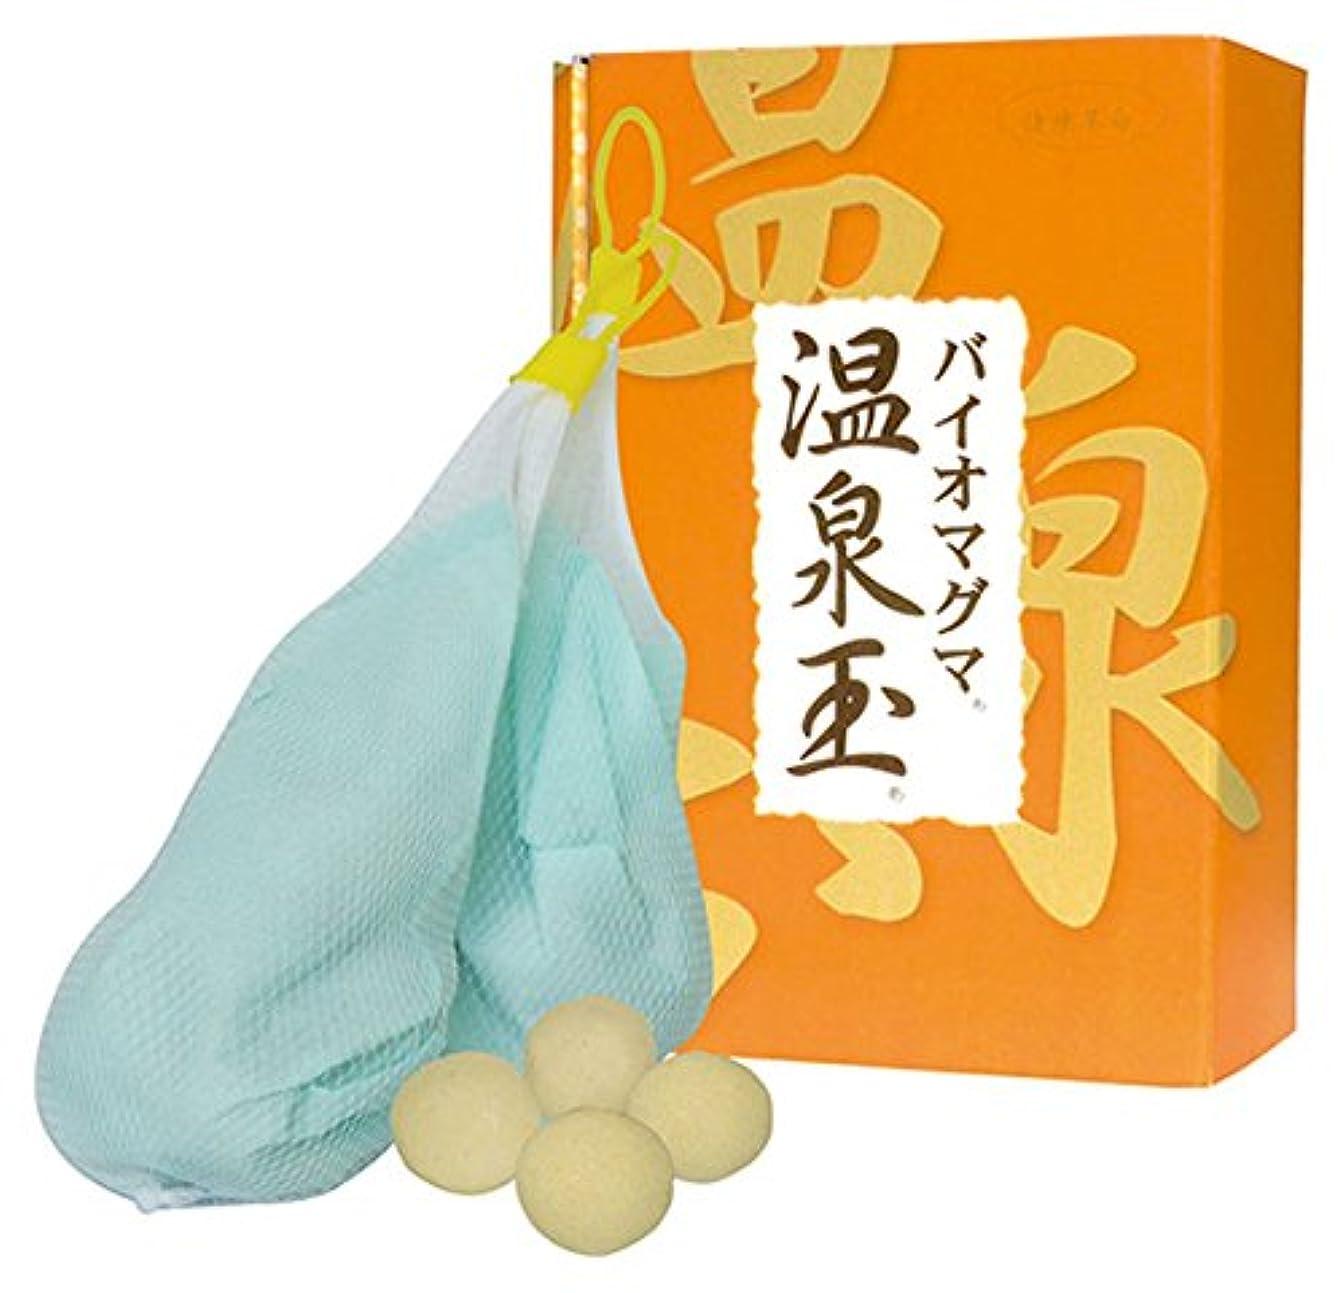 増強する器用プロテスタントゴールド興産 バイオマグマ温泉玉(10玉×2袋) 000536